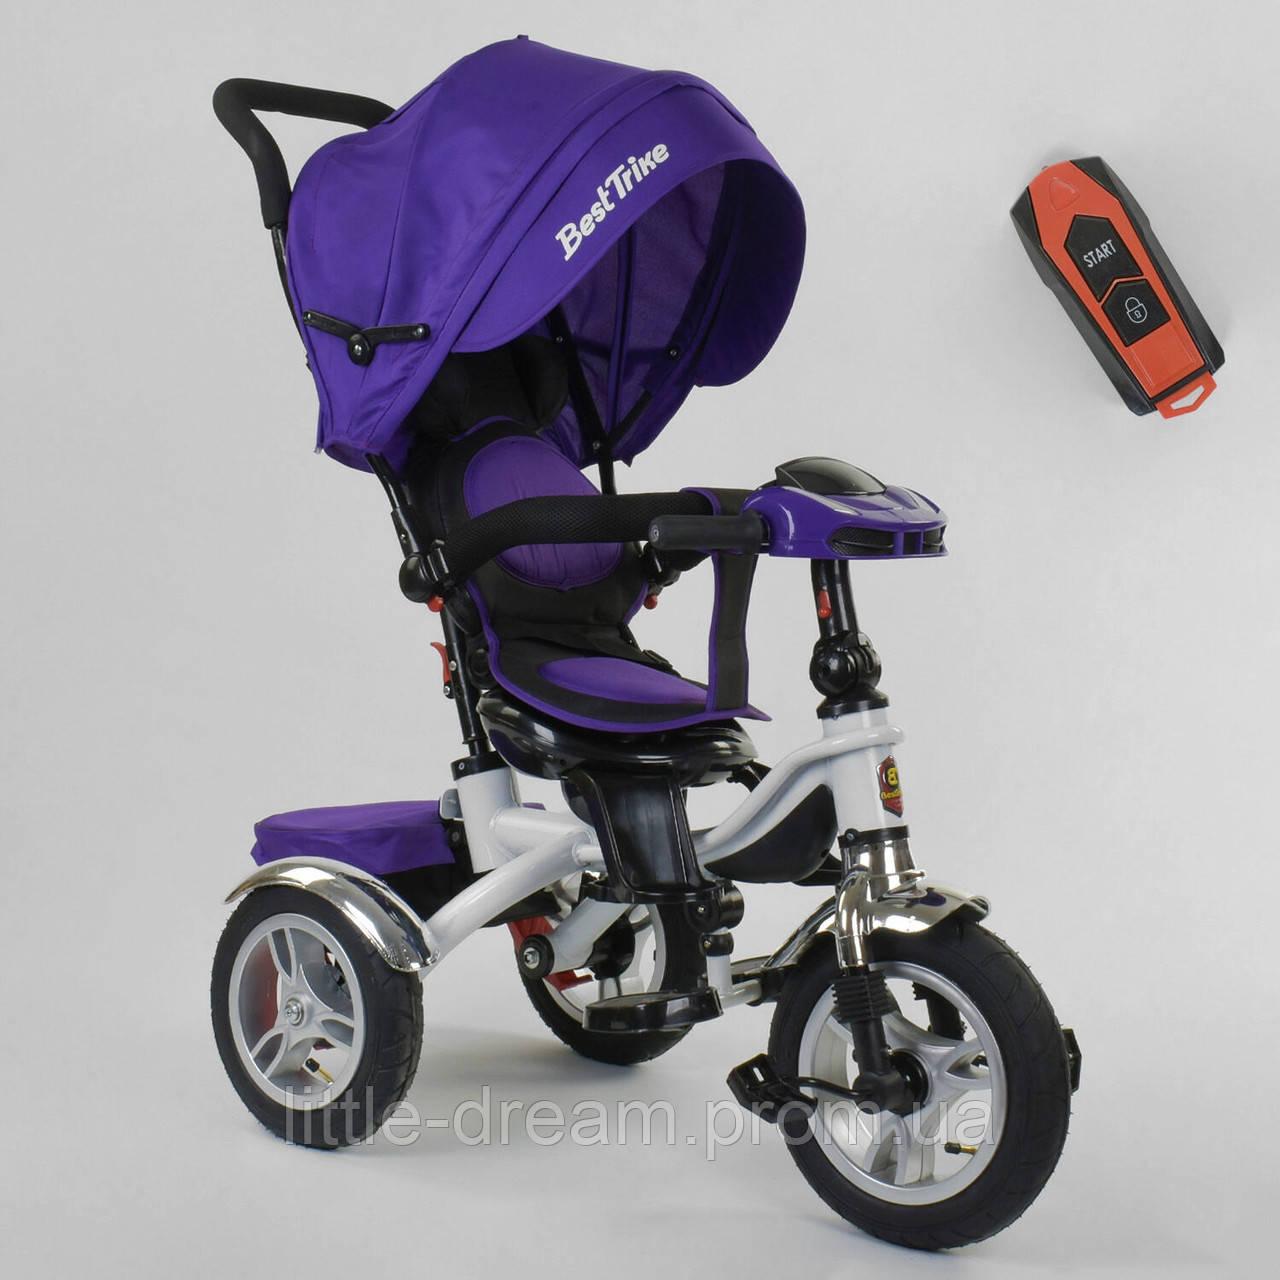 Трехколесный велосипед Best Trike 5890 / 85-975 Фиолетовый